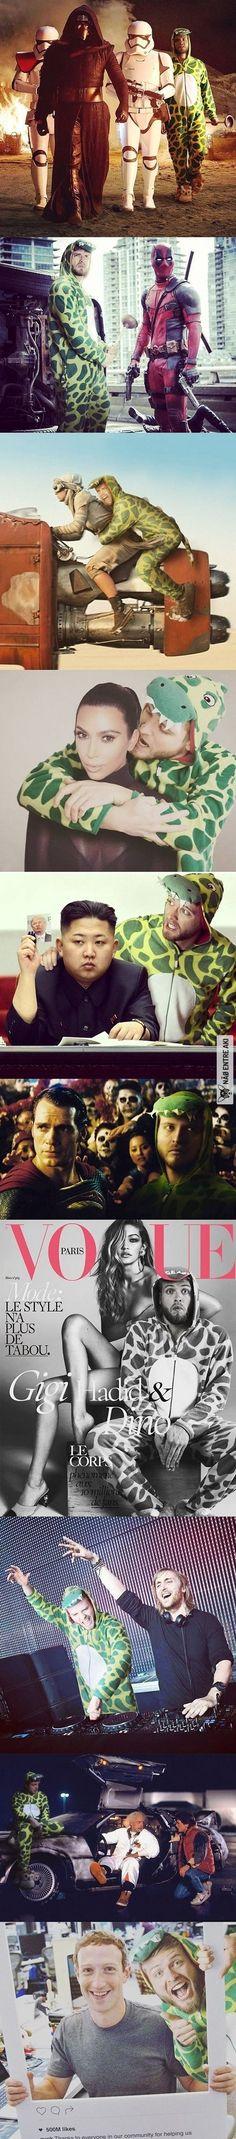 o mestre do photoshop.....